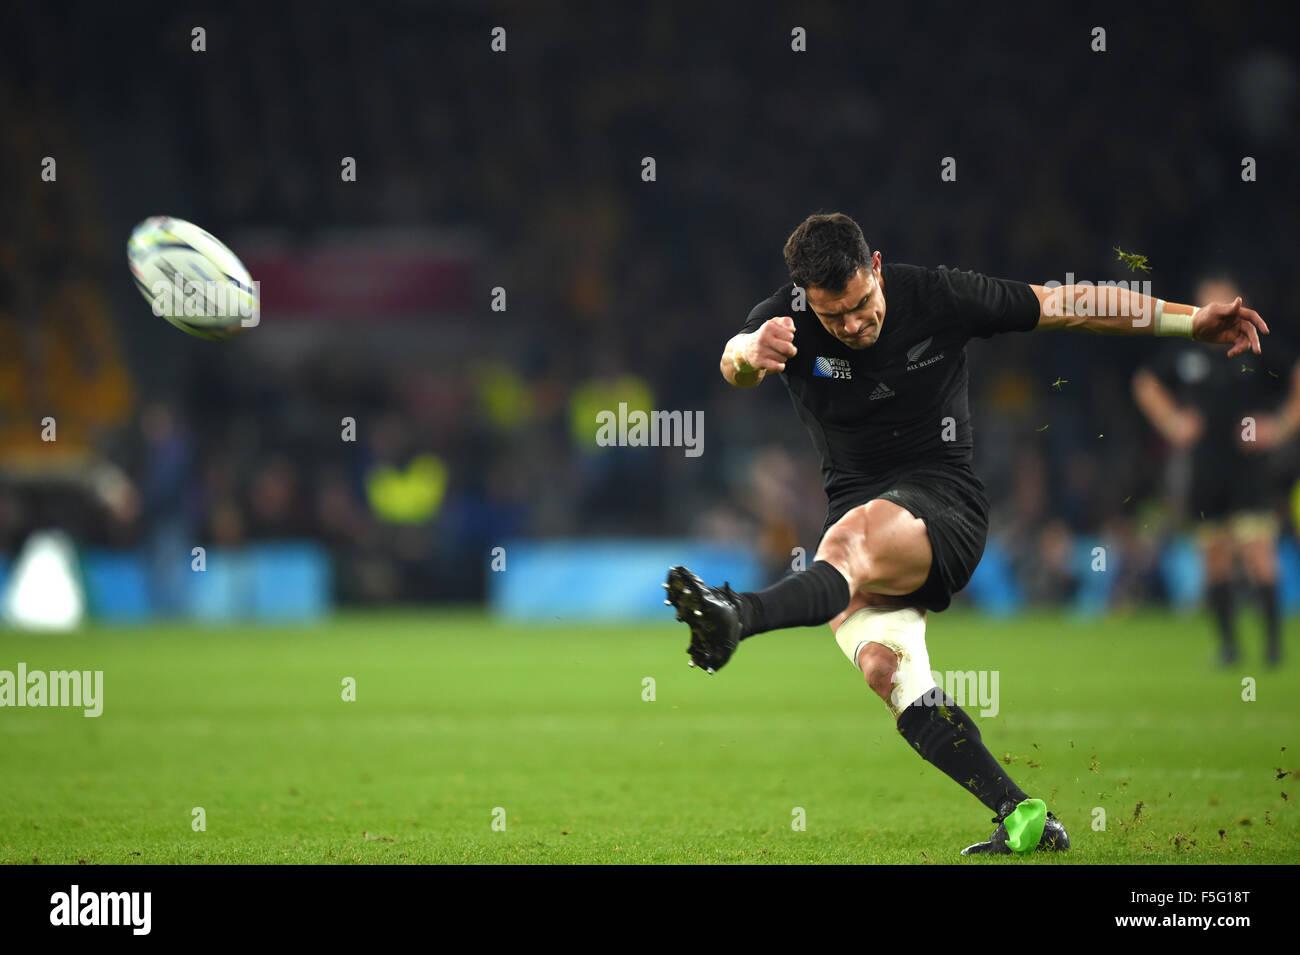 Londres, Royaume-Uni. 31 octobre, 2015. Dan Carter (NZL) Rugby: Dan Carter de la Nouvelle-Zélande prend Photo Stock